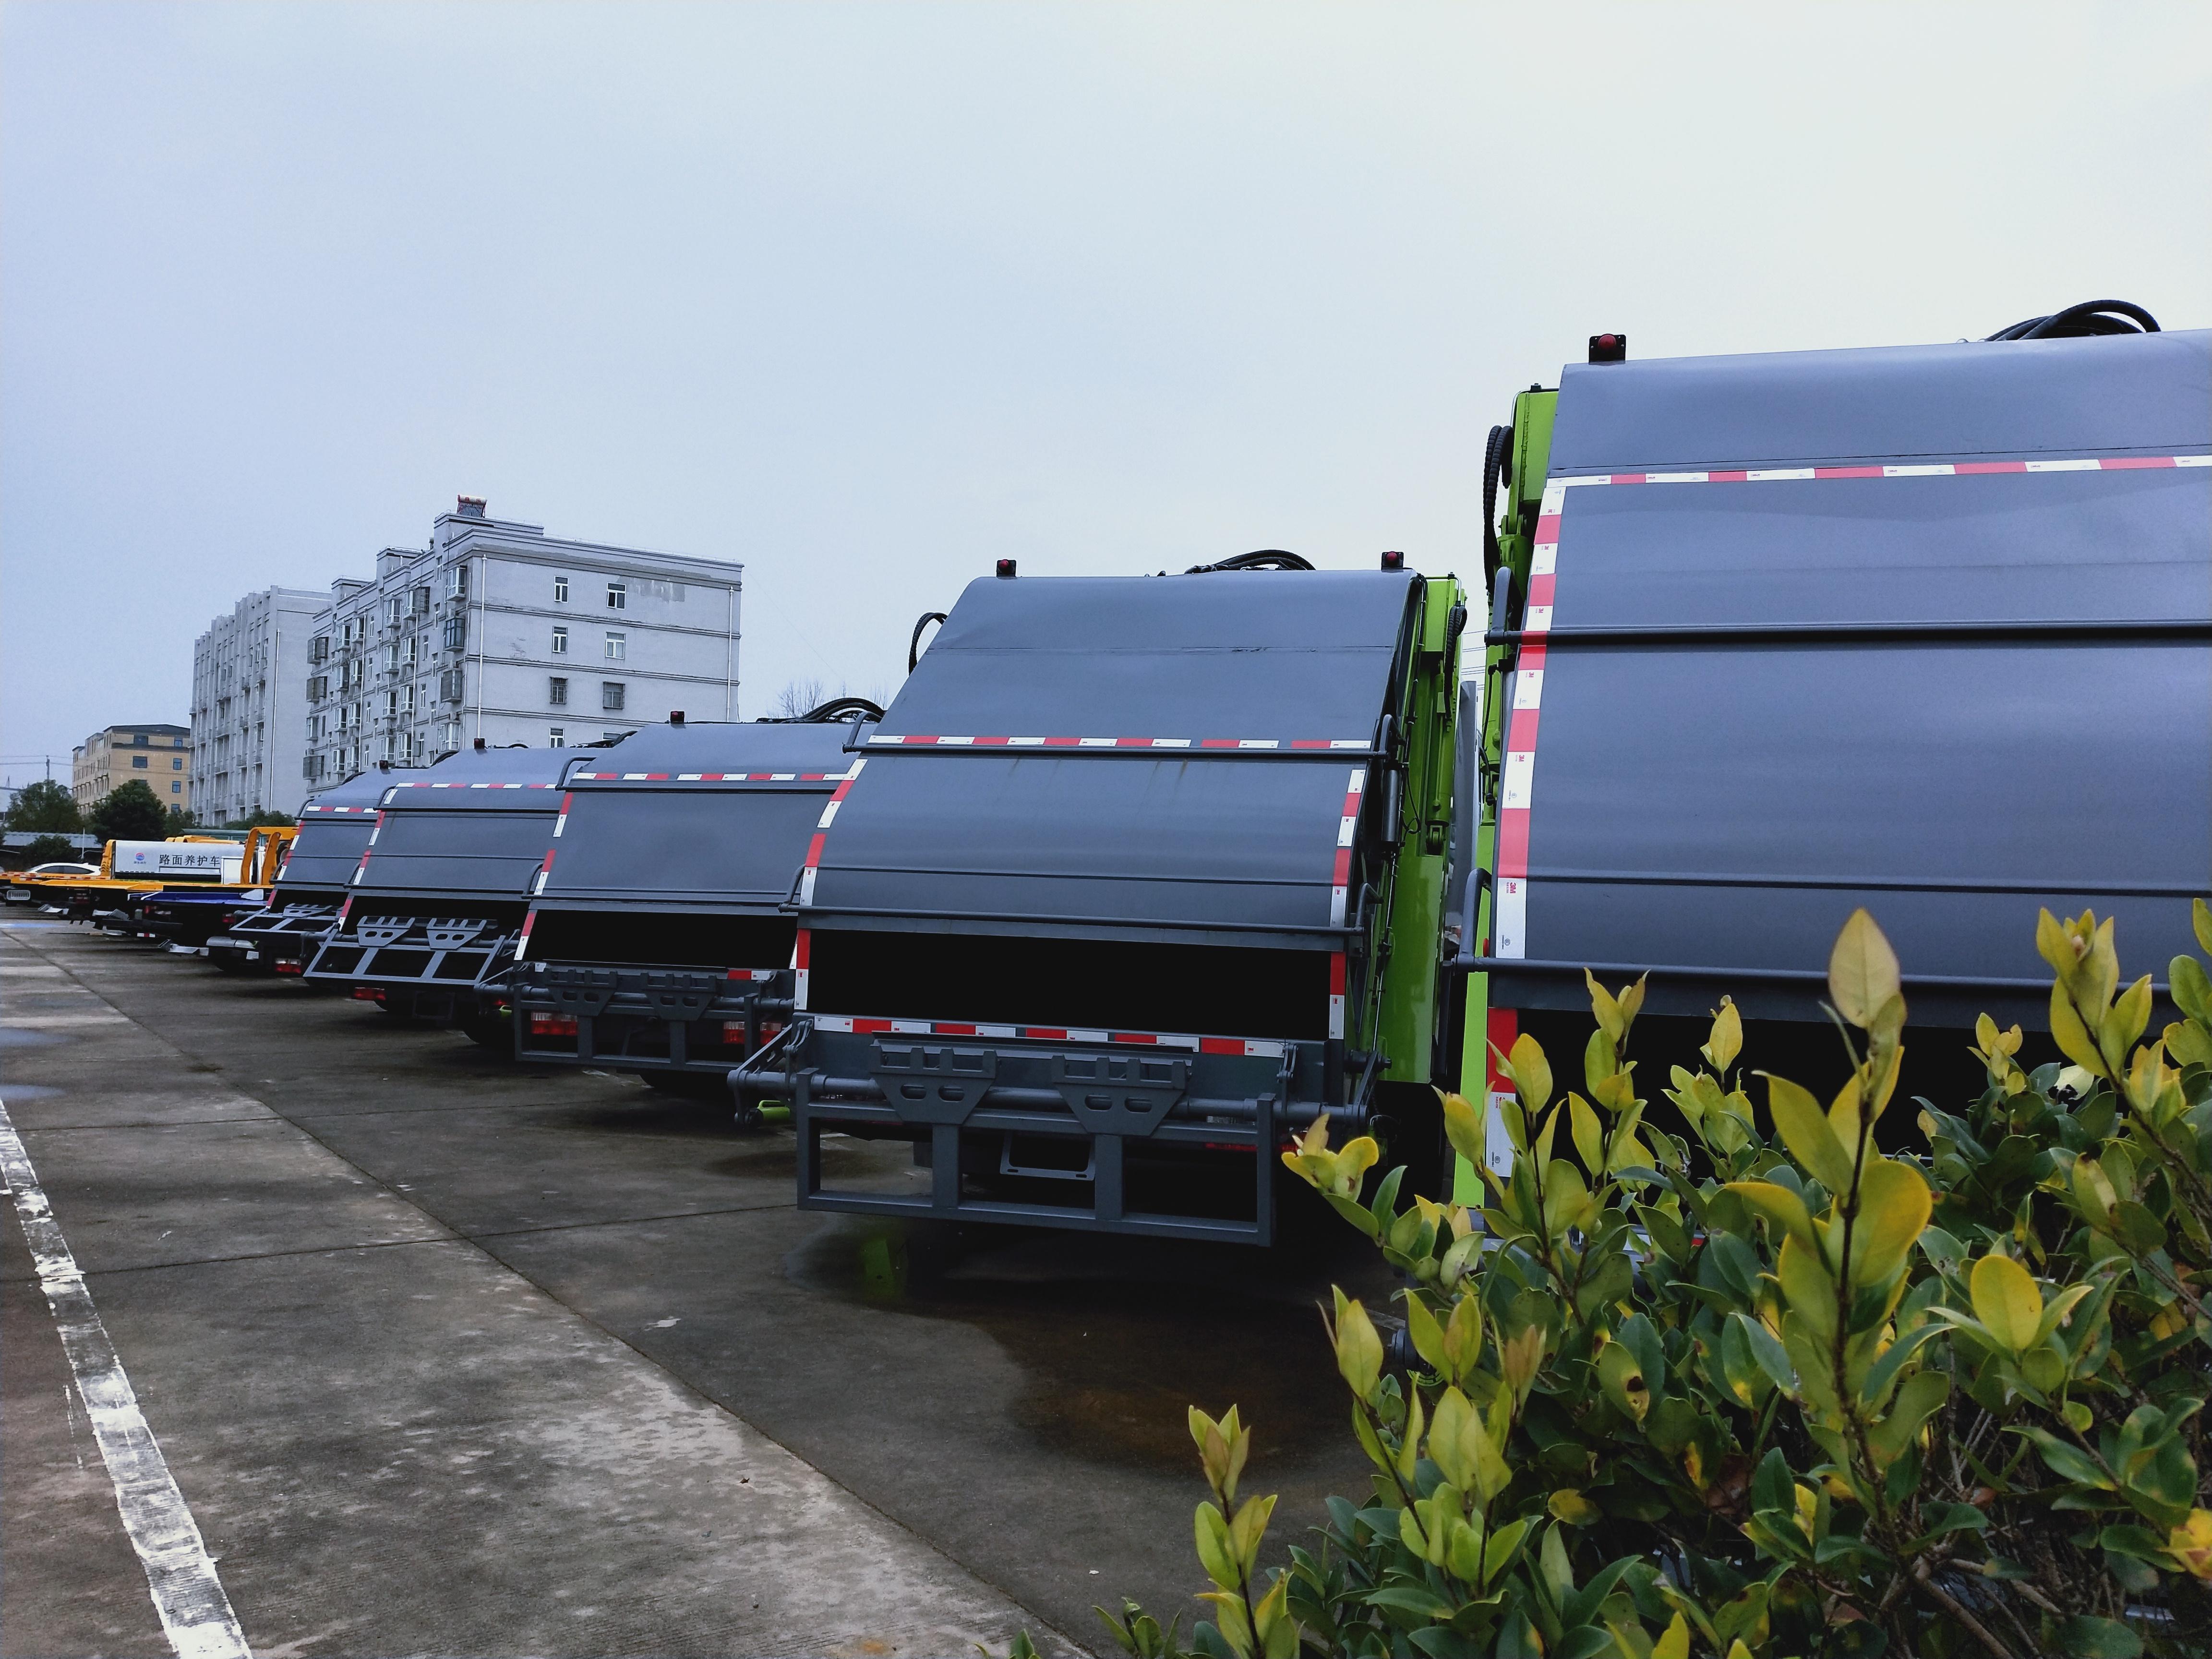 后装挂桶压缩垃圾车价格福田14方挤压垃圾运输车厂家介绍视频图片